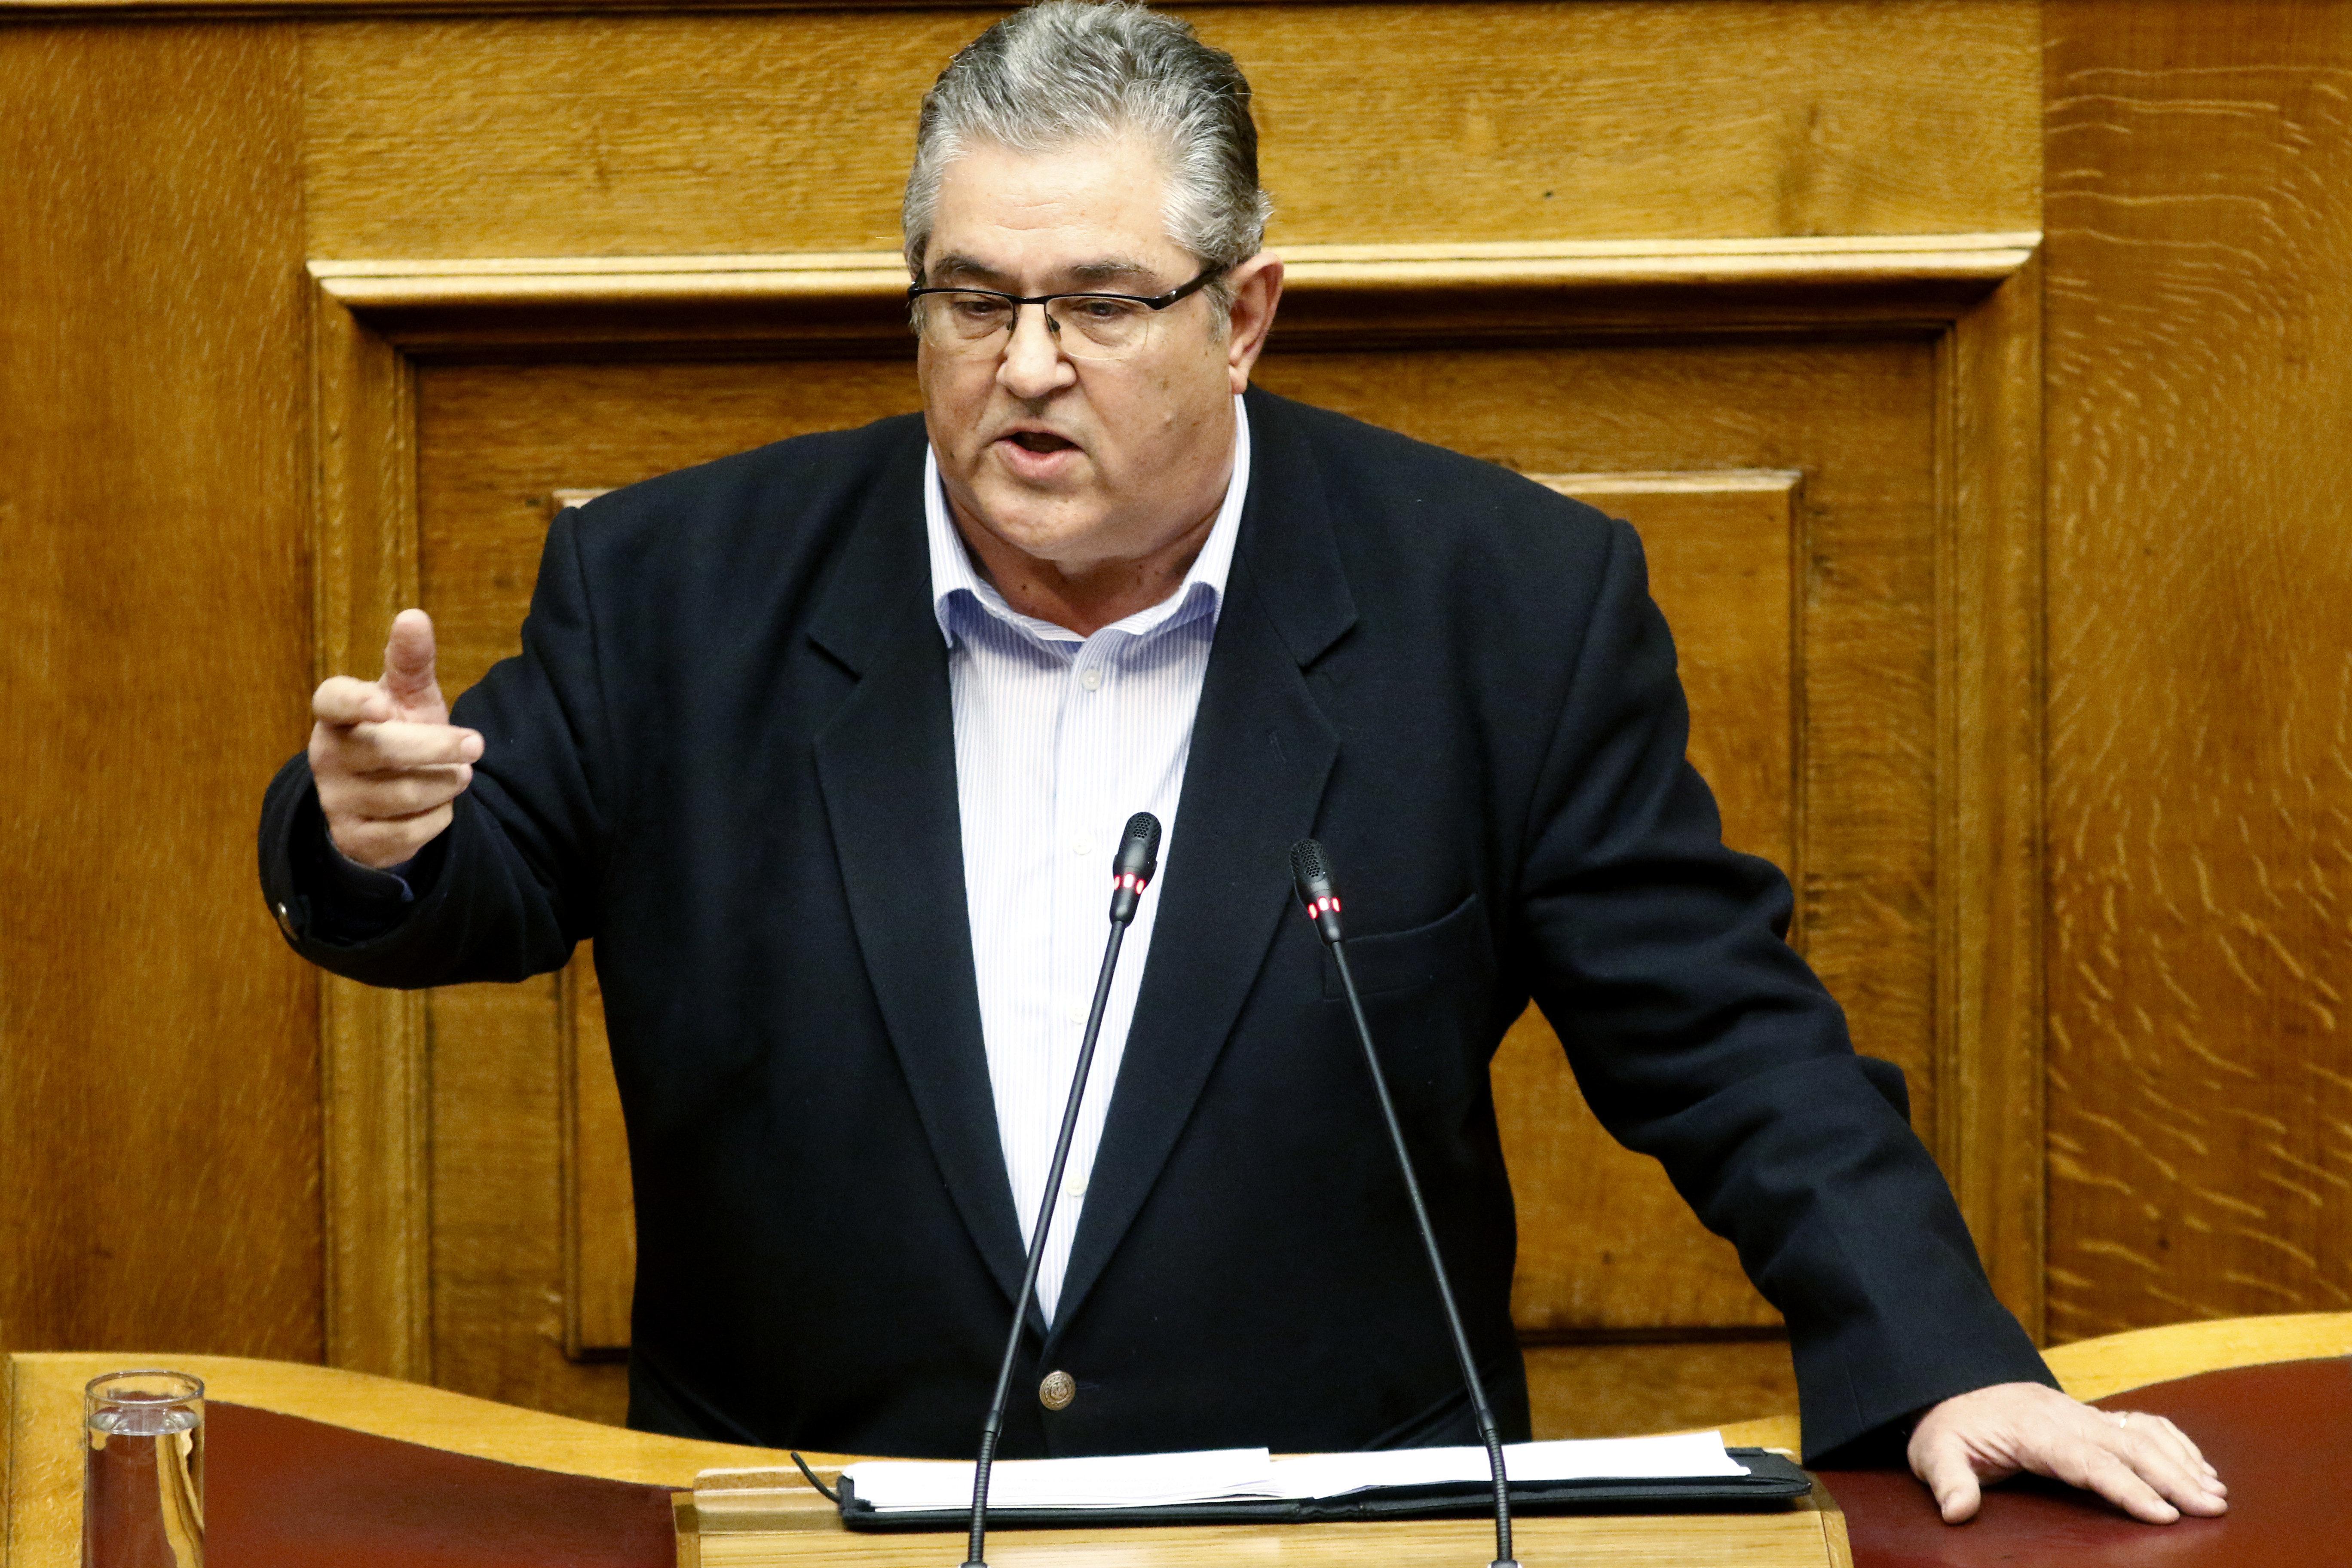 ΚΚΕ: Ο κ. Τσίπρας πάει να δικαιολογηθεί για το ότι έχει καταντήσει η «αριστερά» της ΕΕ, του ΝΑΤΟ και του